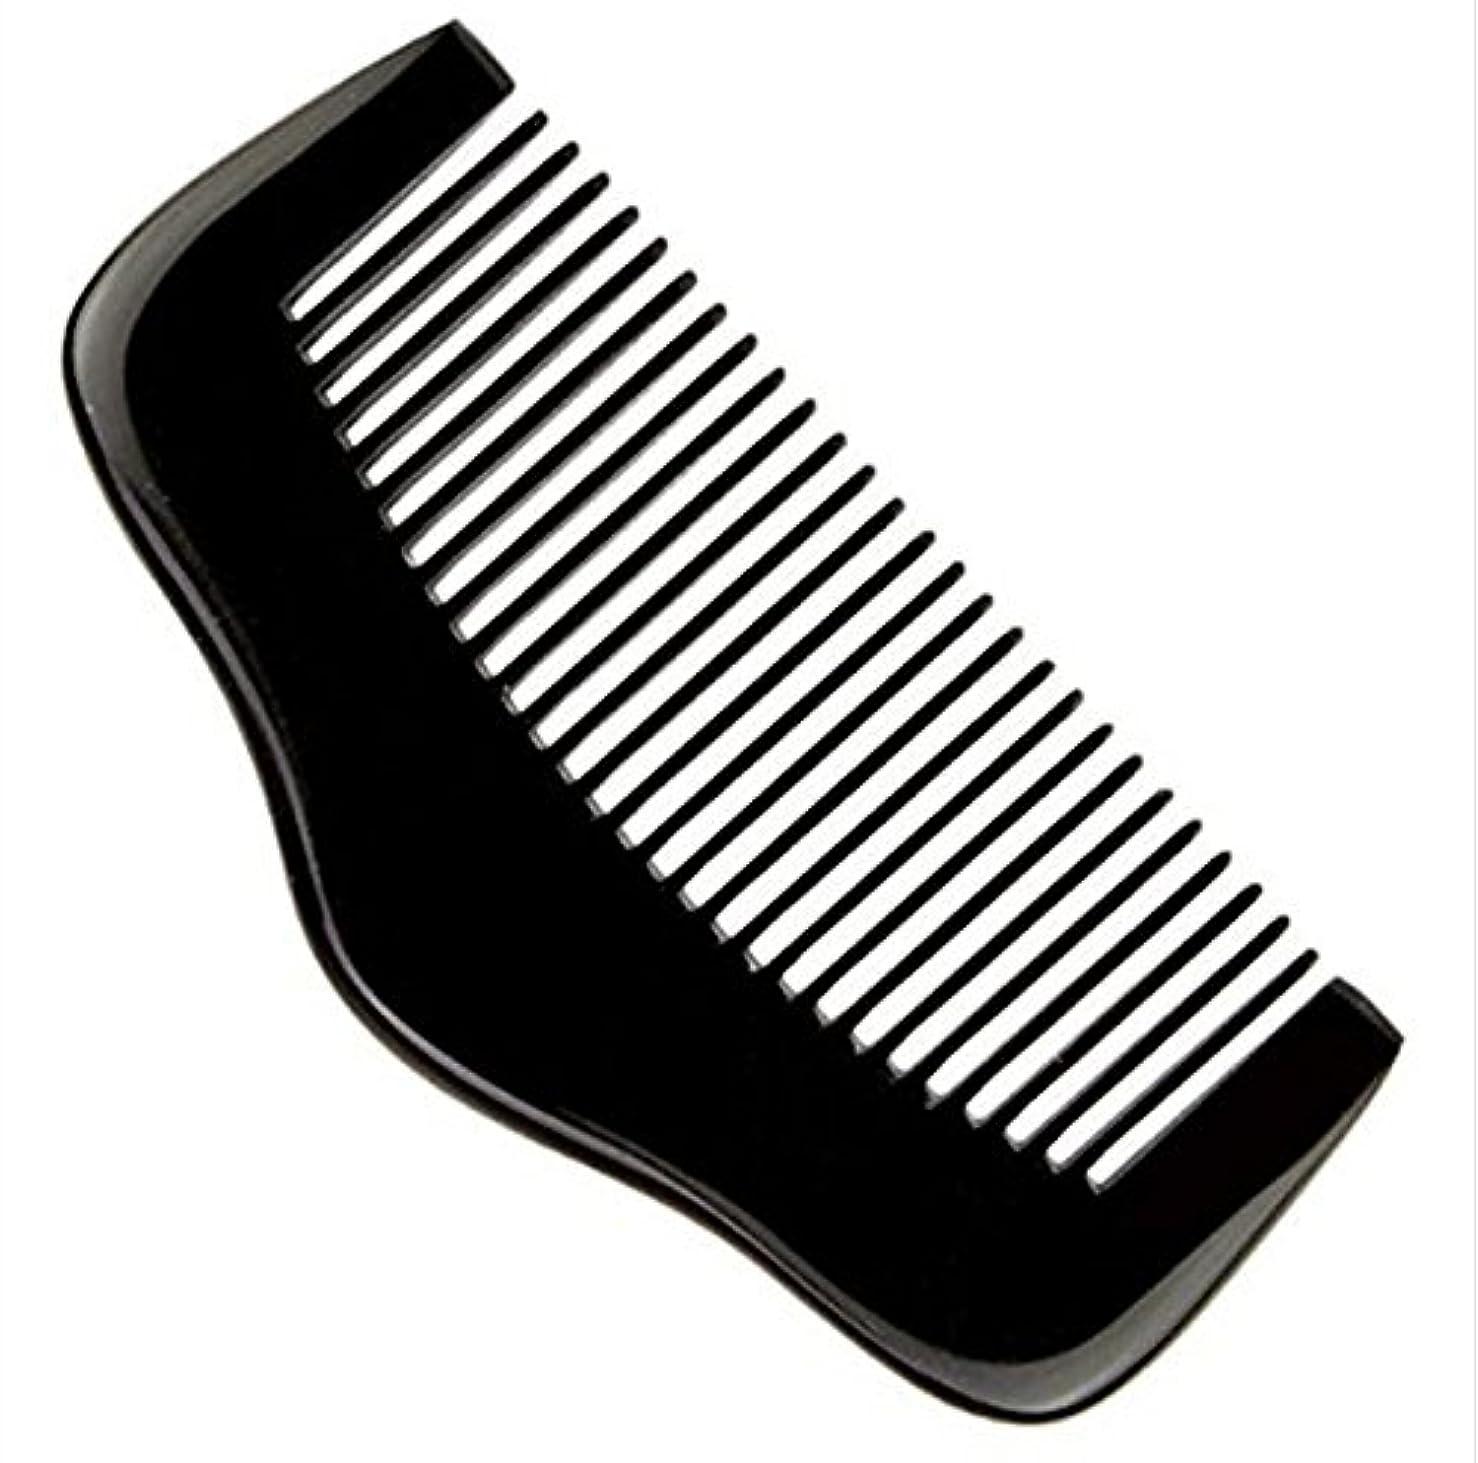 平日アヒル検体櫛型 プロも使う牛角かっさプレート マサージ用 血行改善 高級 天然 静電気 防止 美髪美顔 ボディ リンパマッサージ